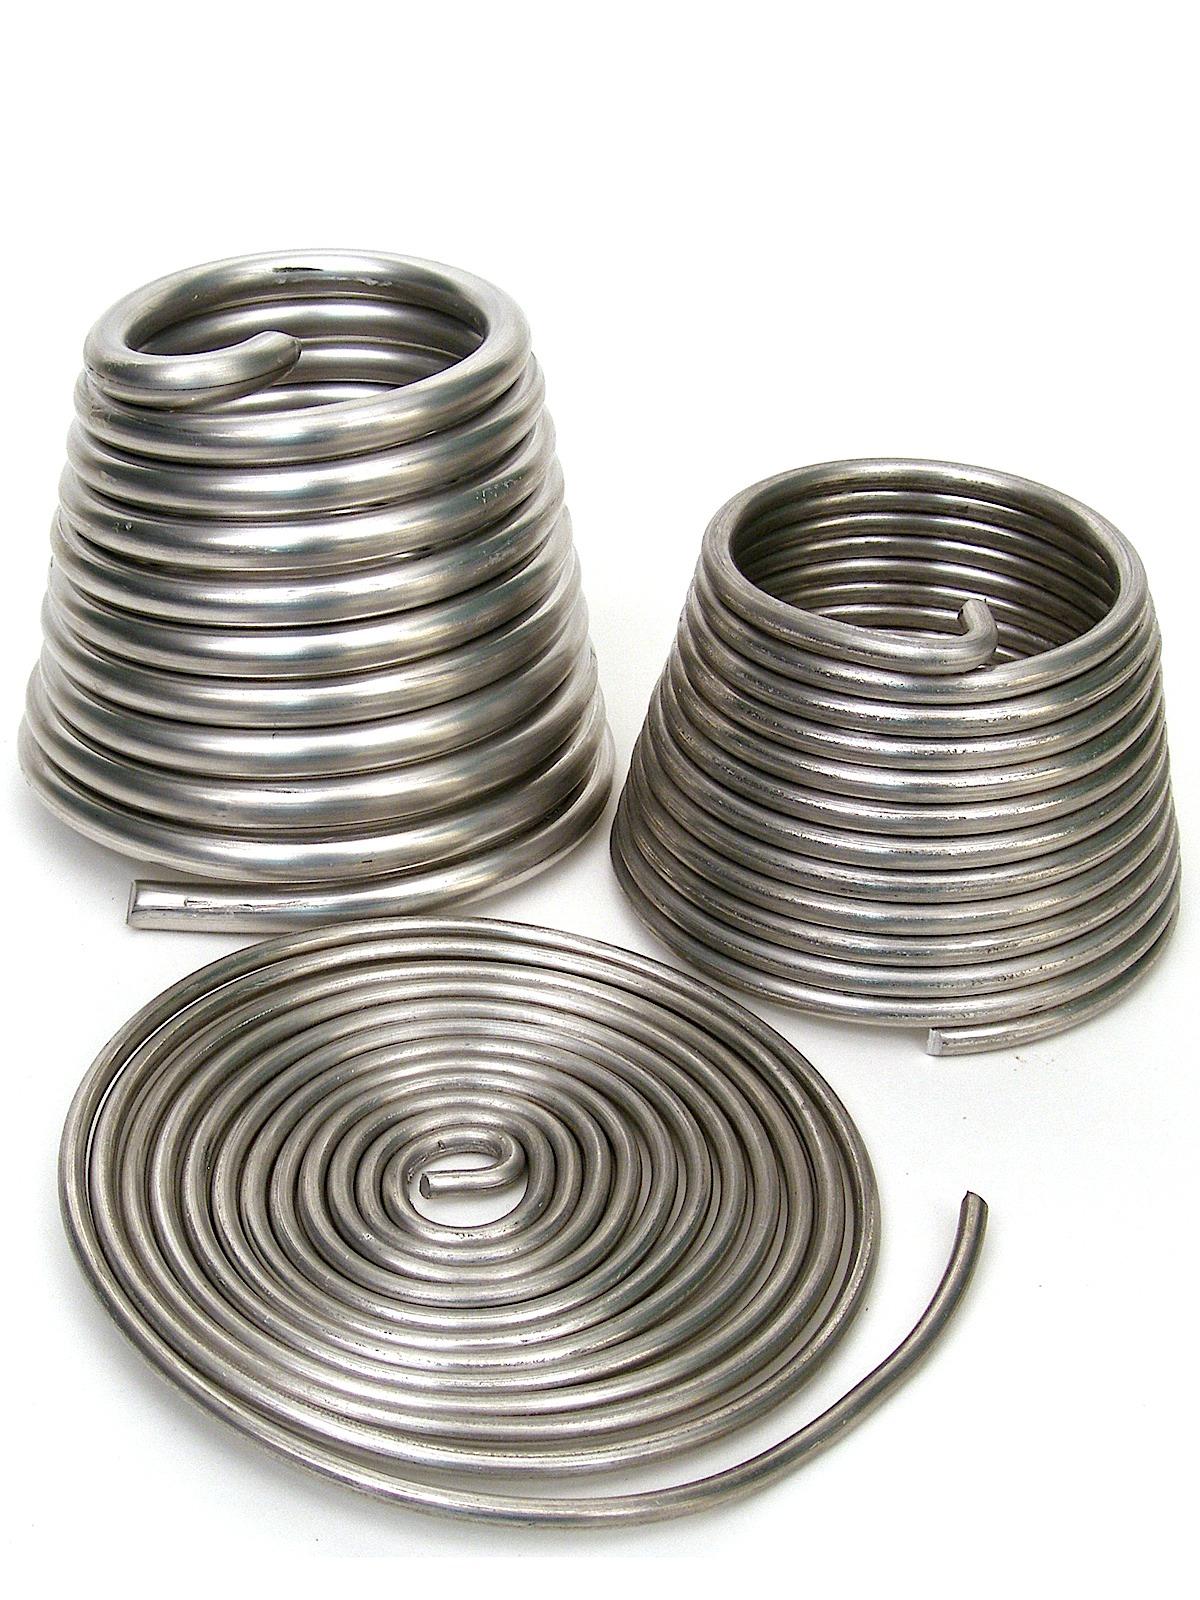 Jack Richeson - Armature Wire